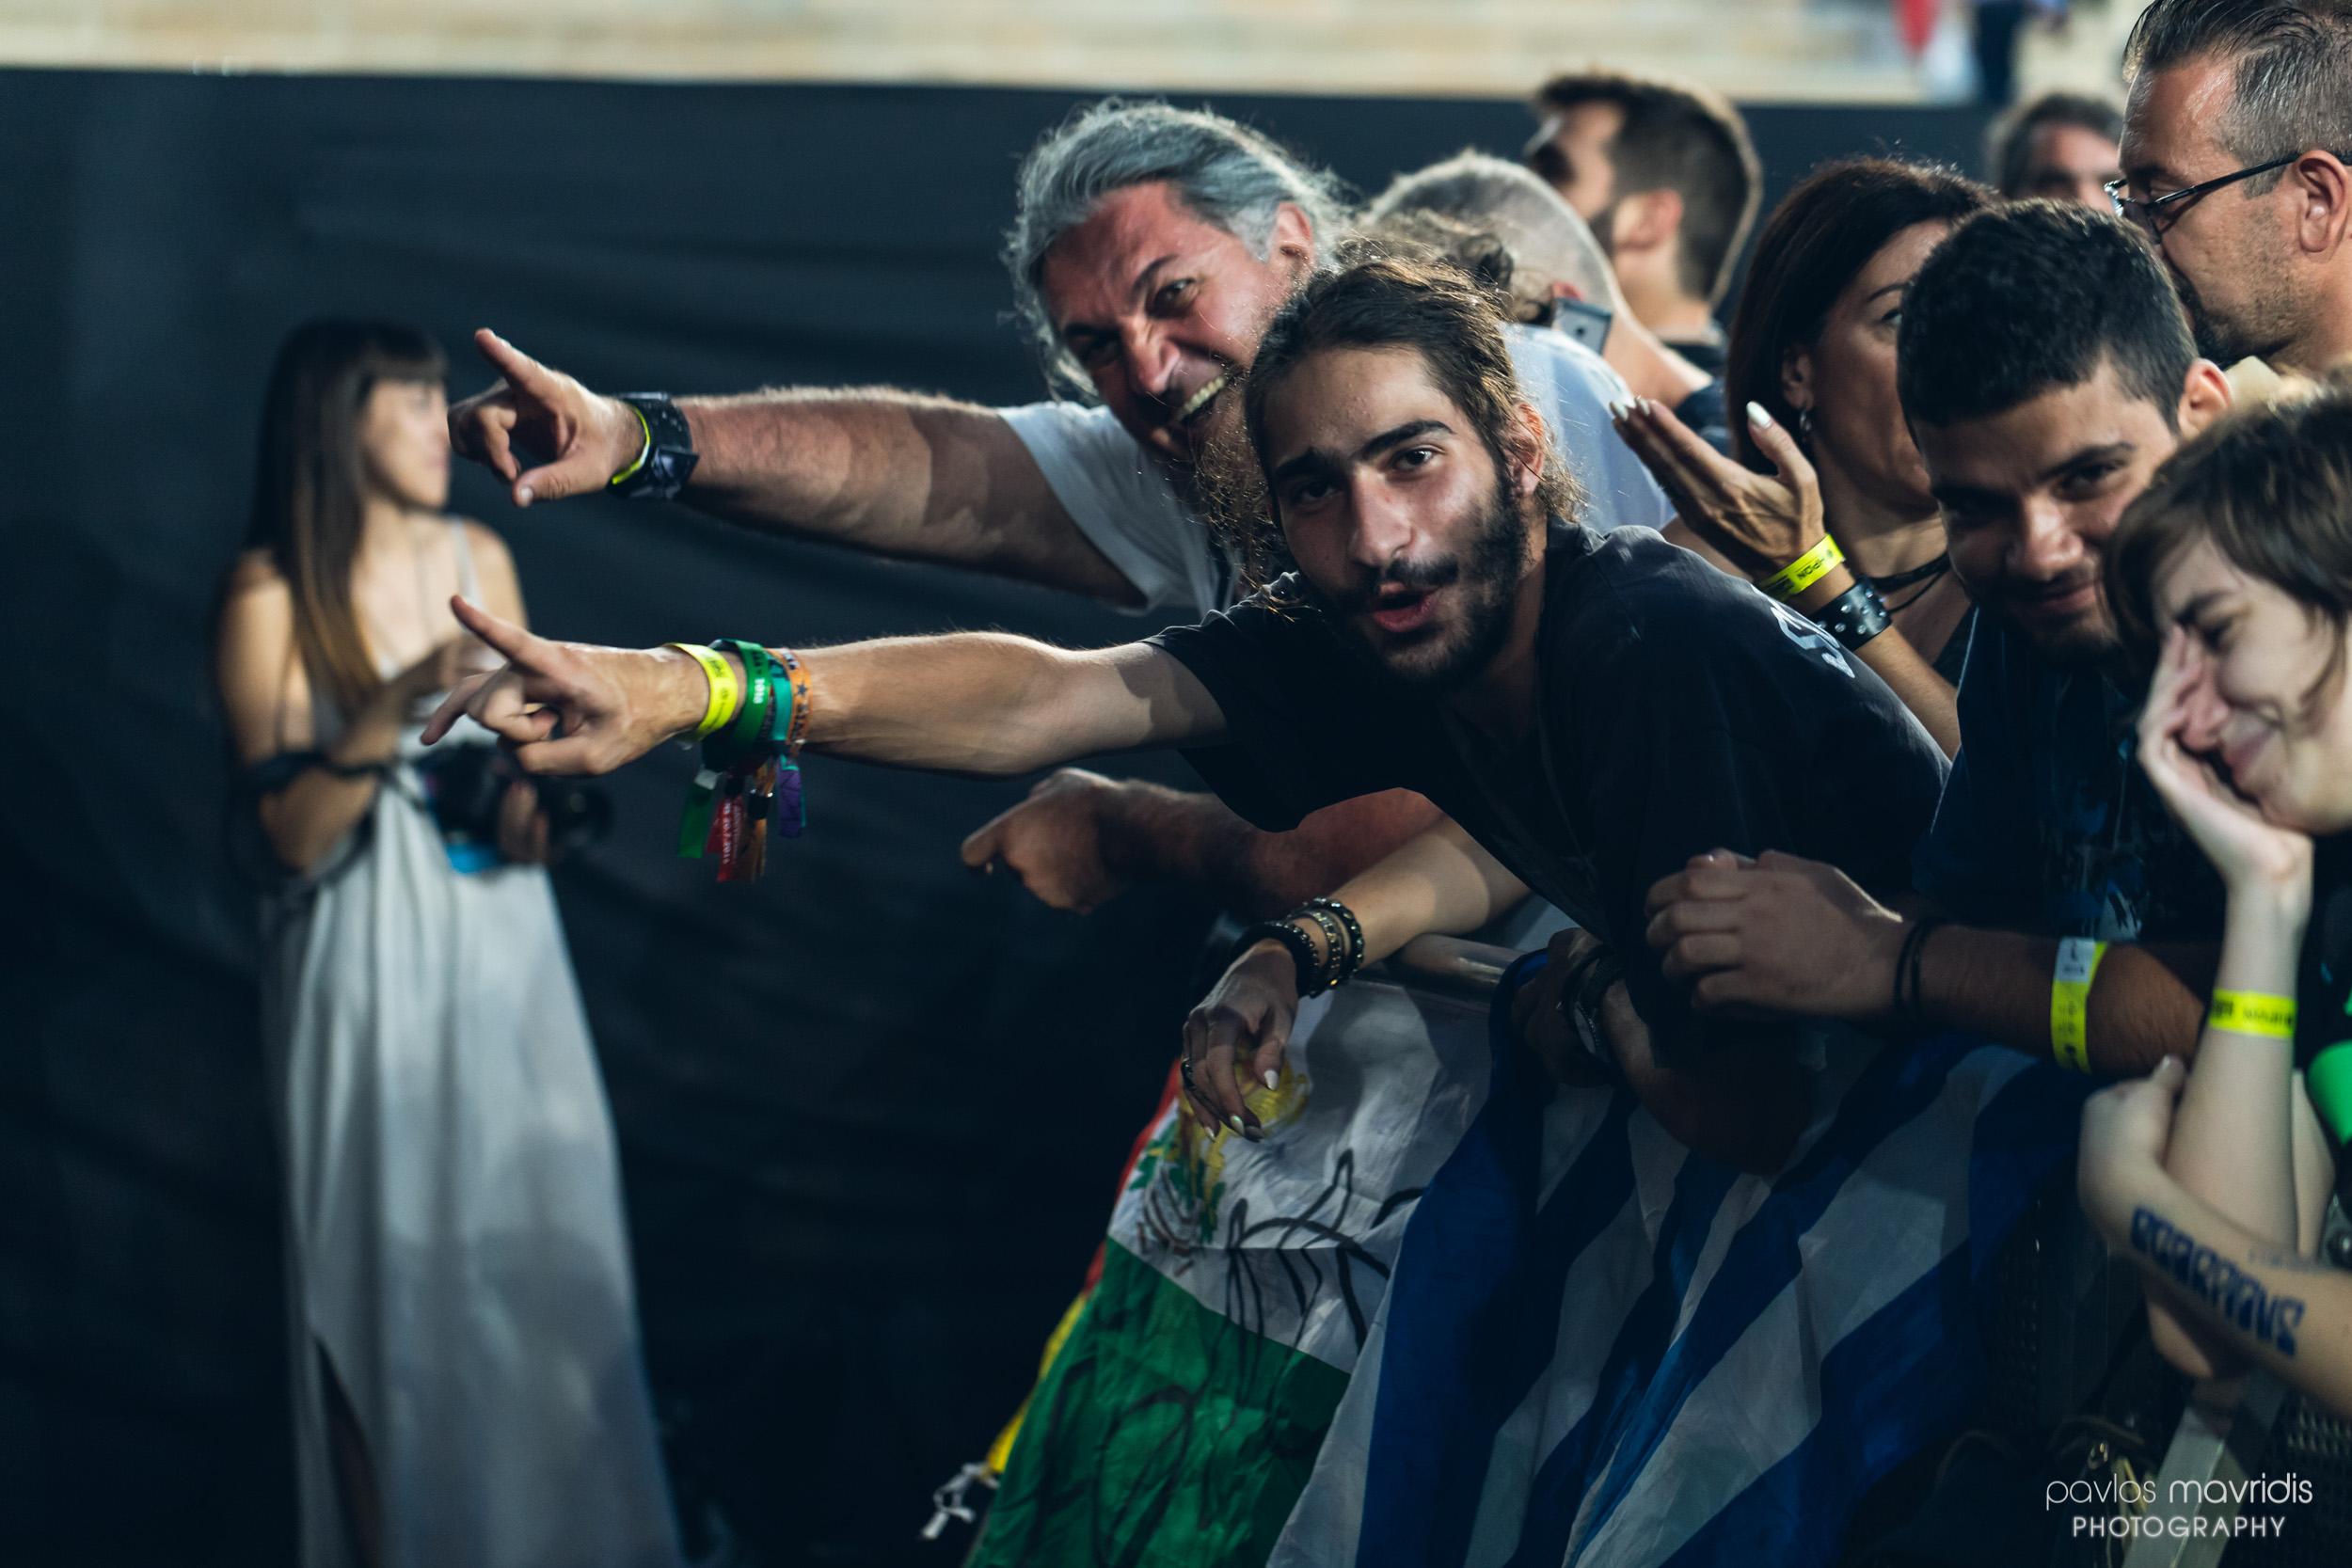 Scorpions_Panathenaic Stadium_31_hires.jpg